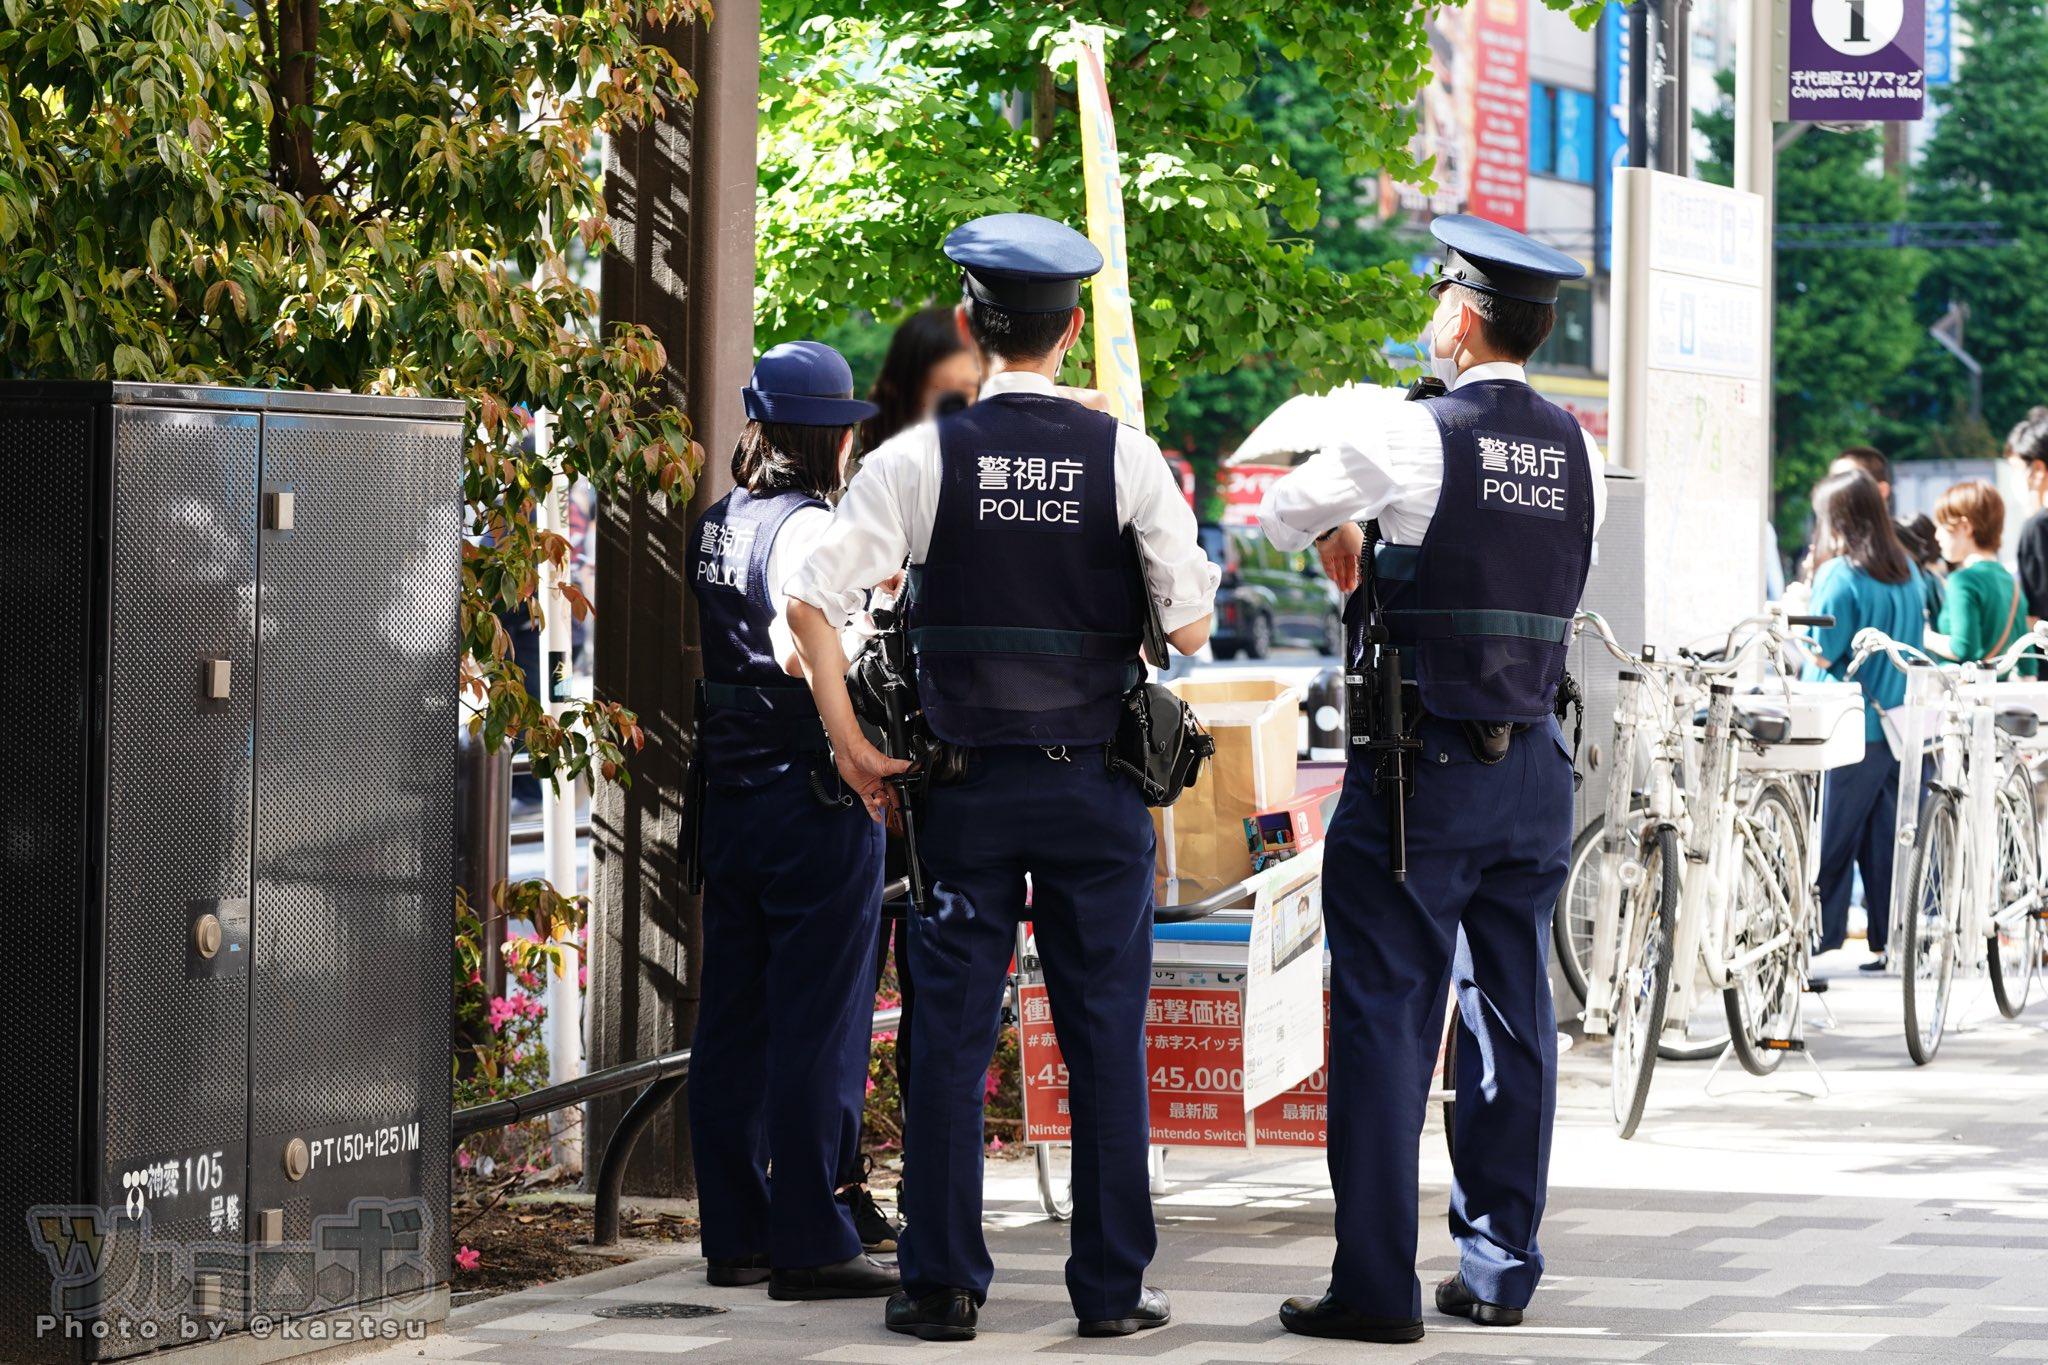 秋葉原・中央通り、ニンテンドースイッチの路上販売。お値段45,000円らしく警察関係の方たちに取り囲まれておんなのひとガチ泣きしてる